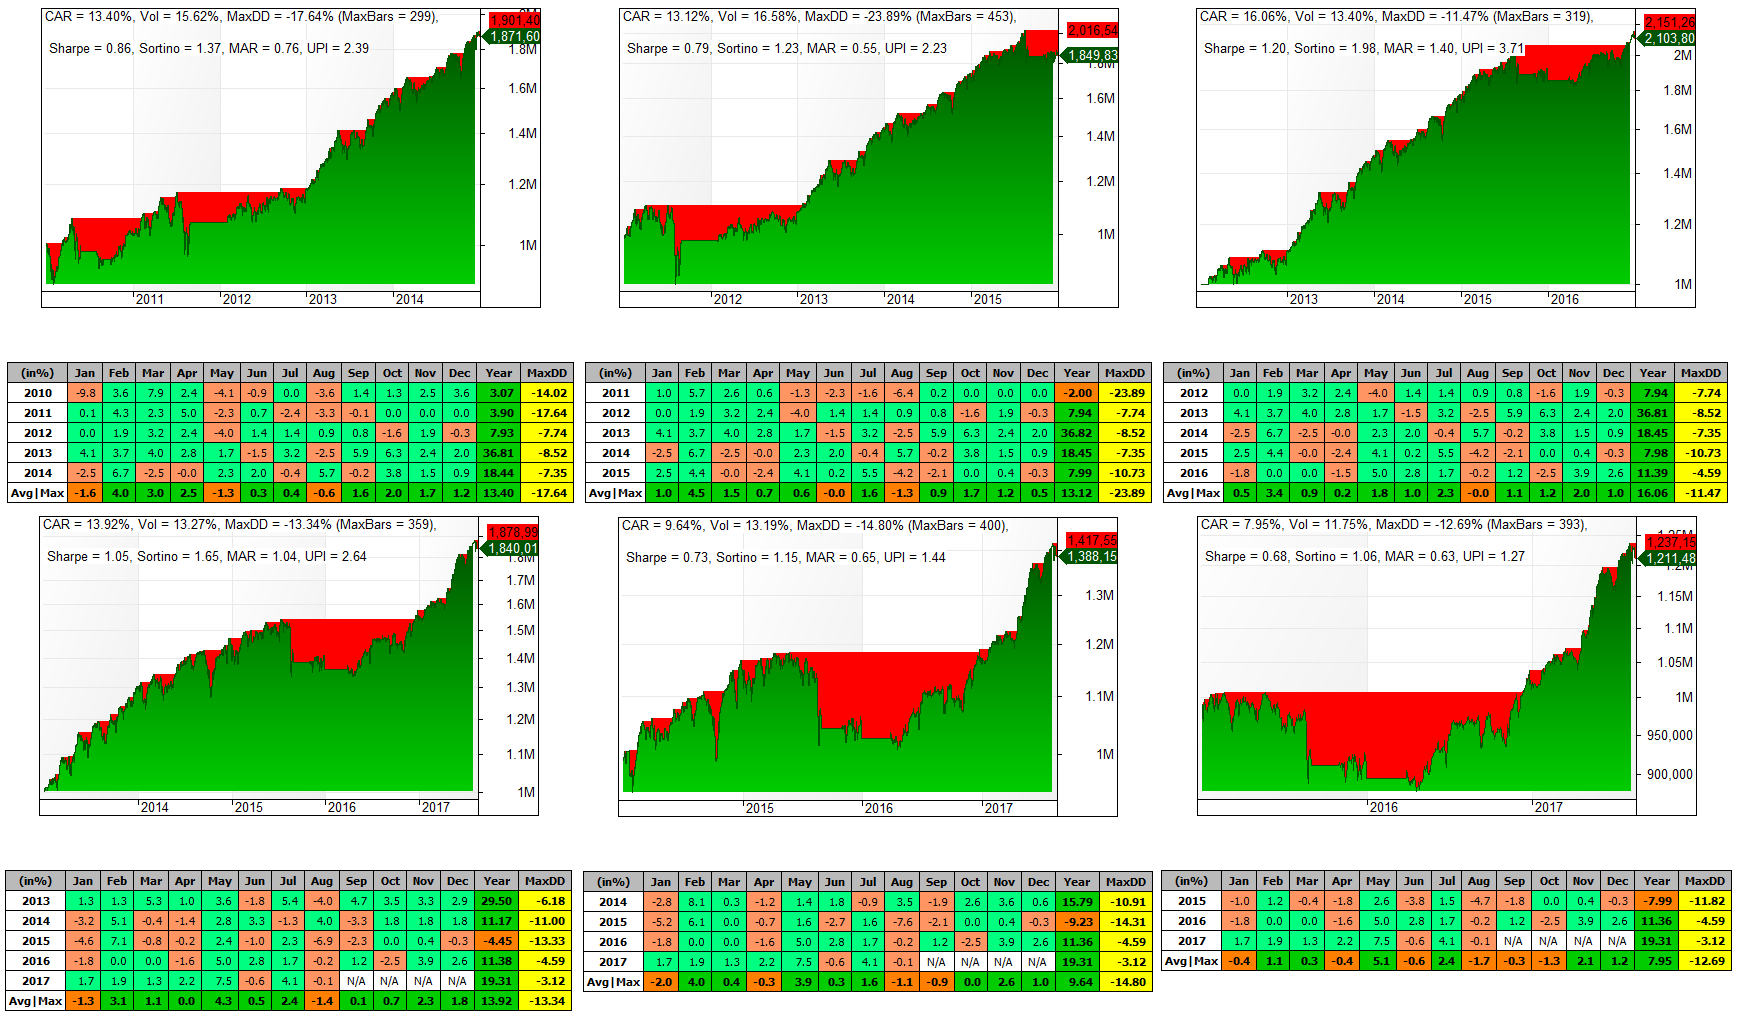 Sistema Tendencial - Periodo 2010 al 2015